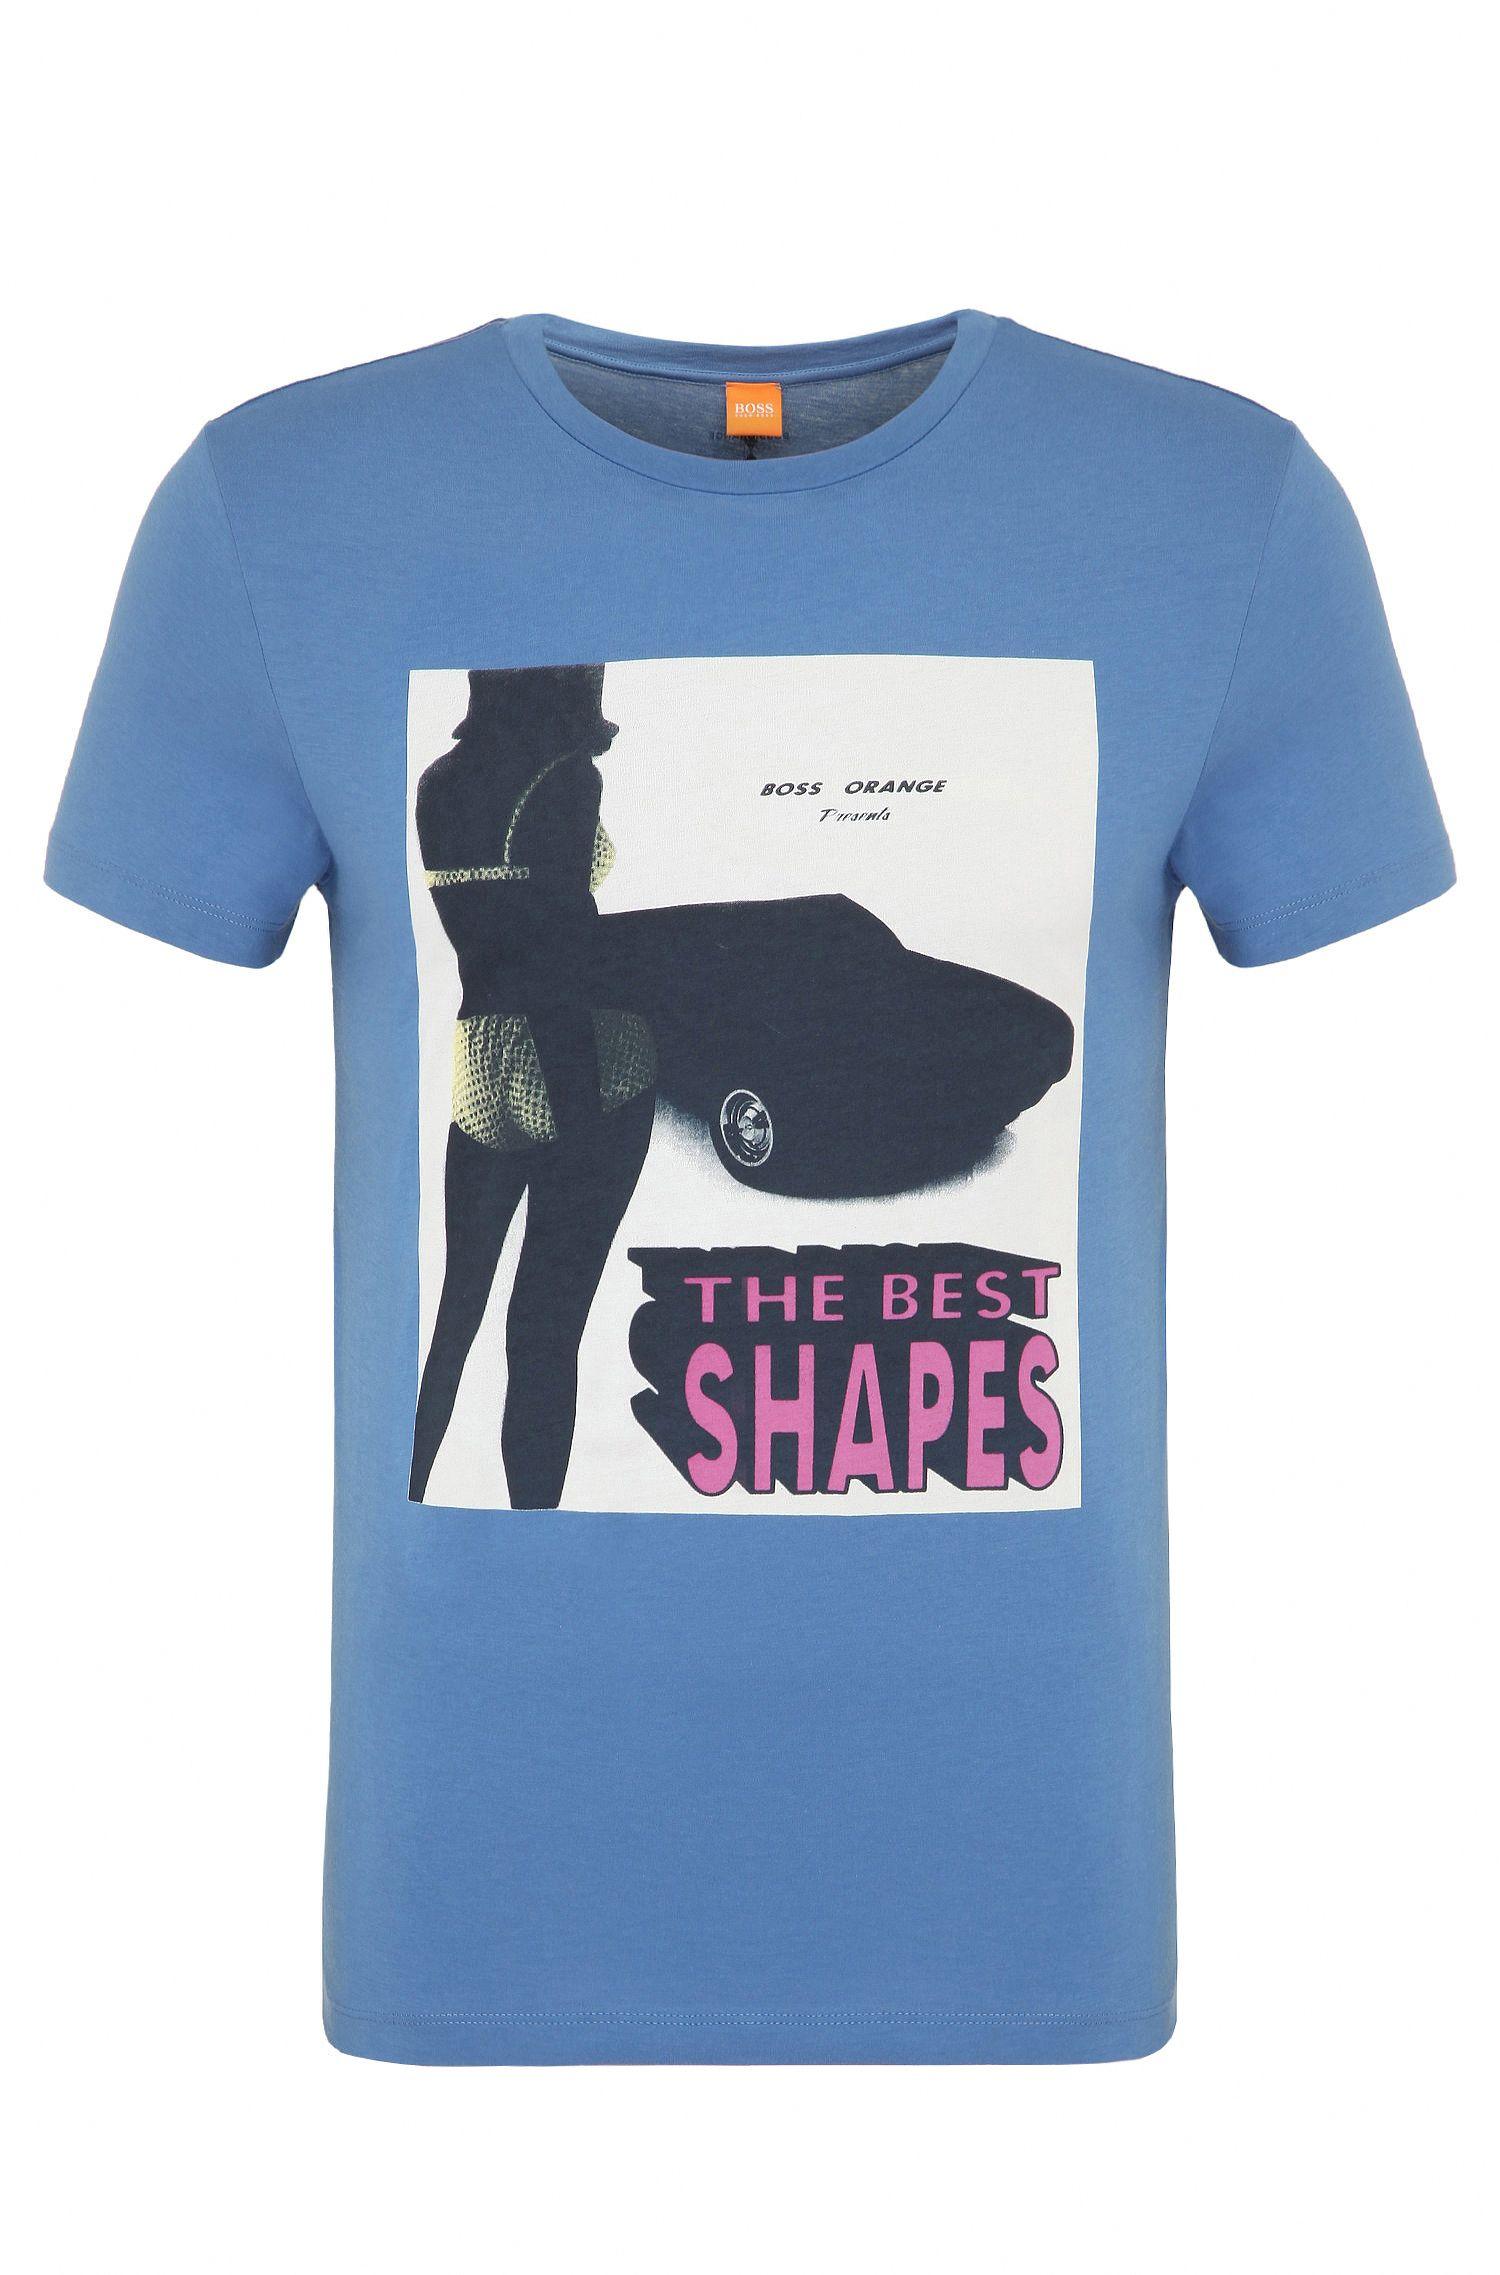 Camiseta regular fit con estampado con foto:  'Tacket 2'